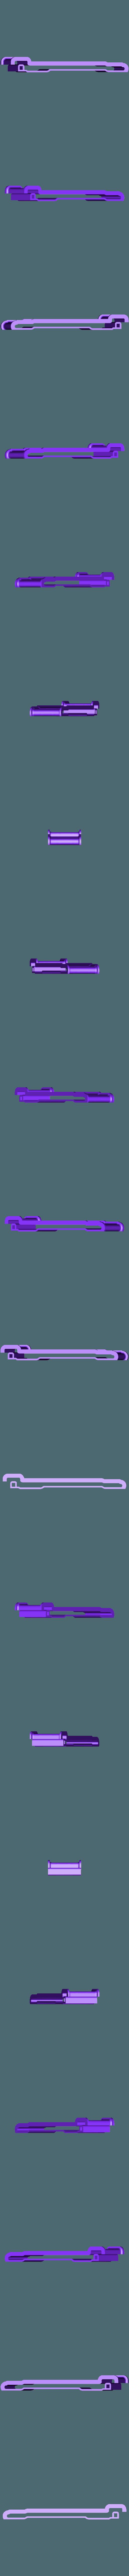 MakitaGuideRailGuardCover.stl Télécharger fichier STL gratuit Couverture de protection contre les éclats de rail du guide Makita • Design pour imprimante 3D, ksuszka